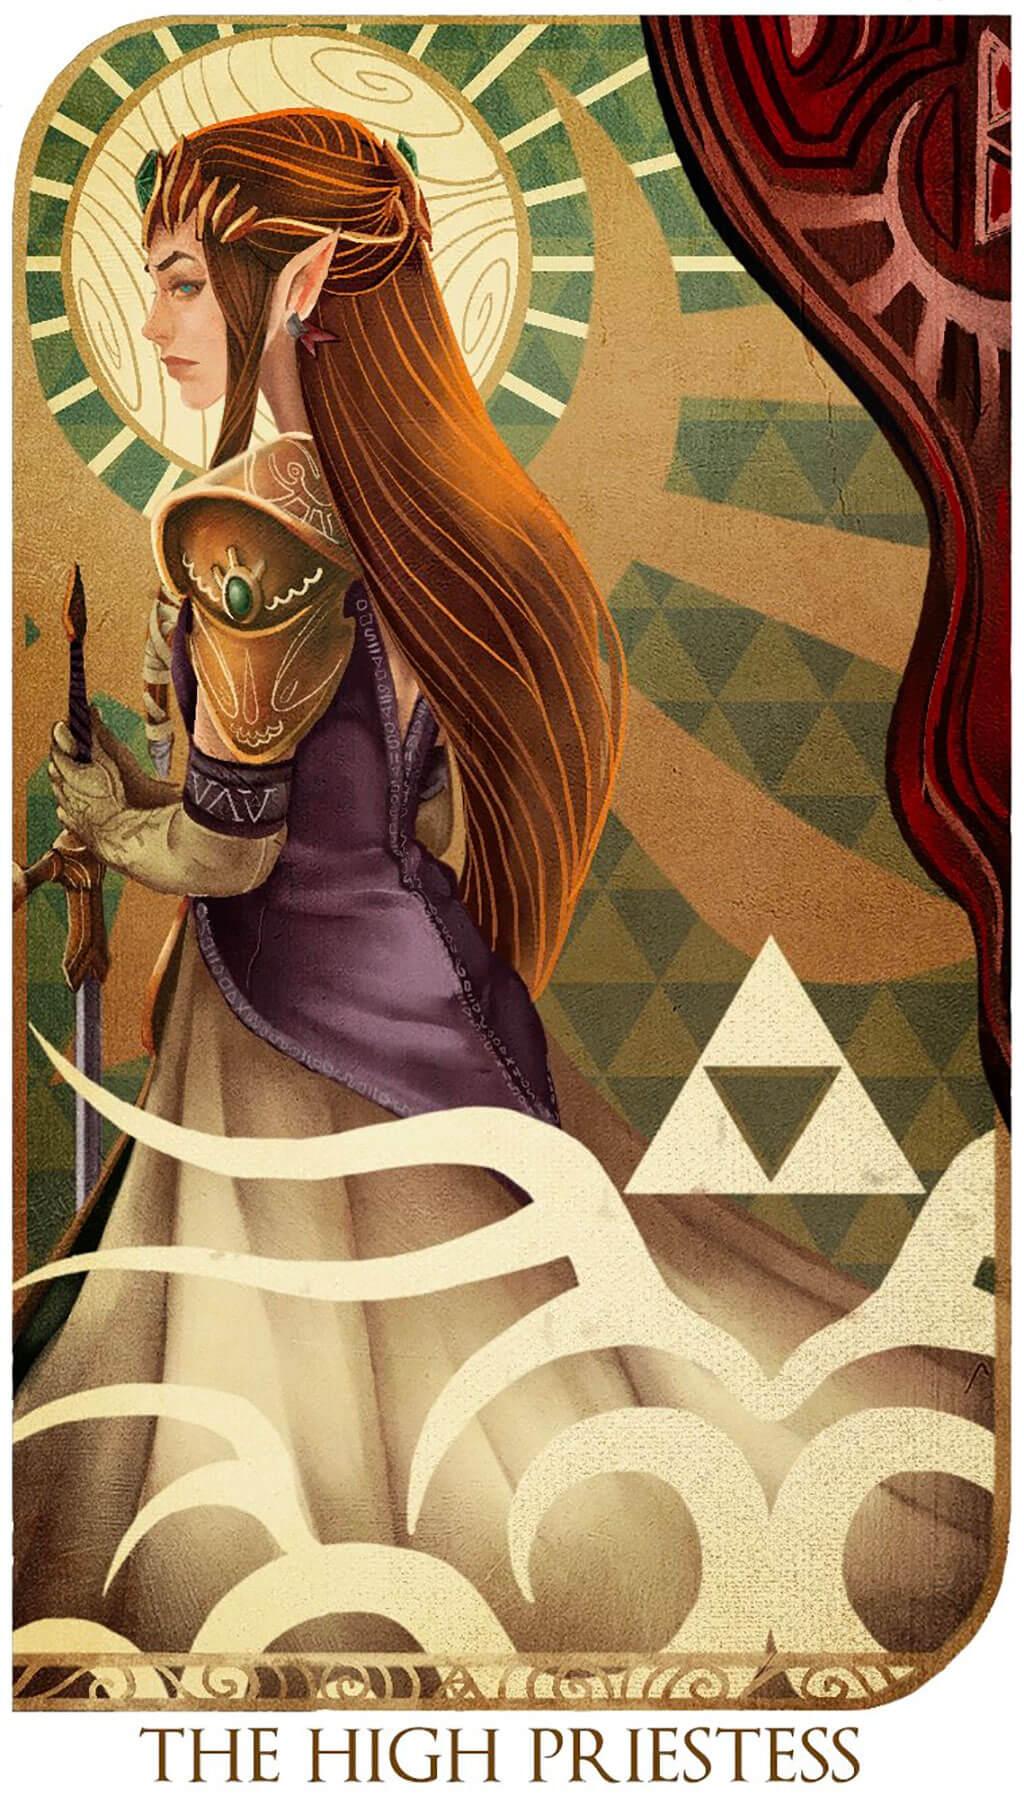 Zelda Fan Art by Thomas Randby